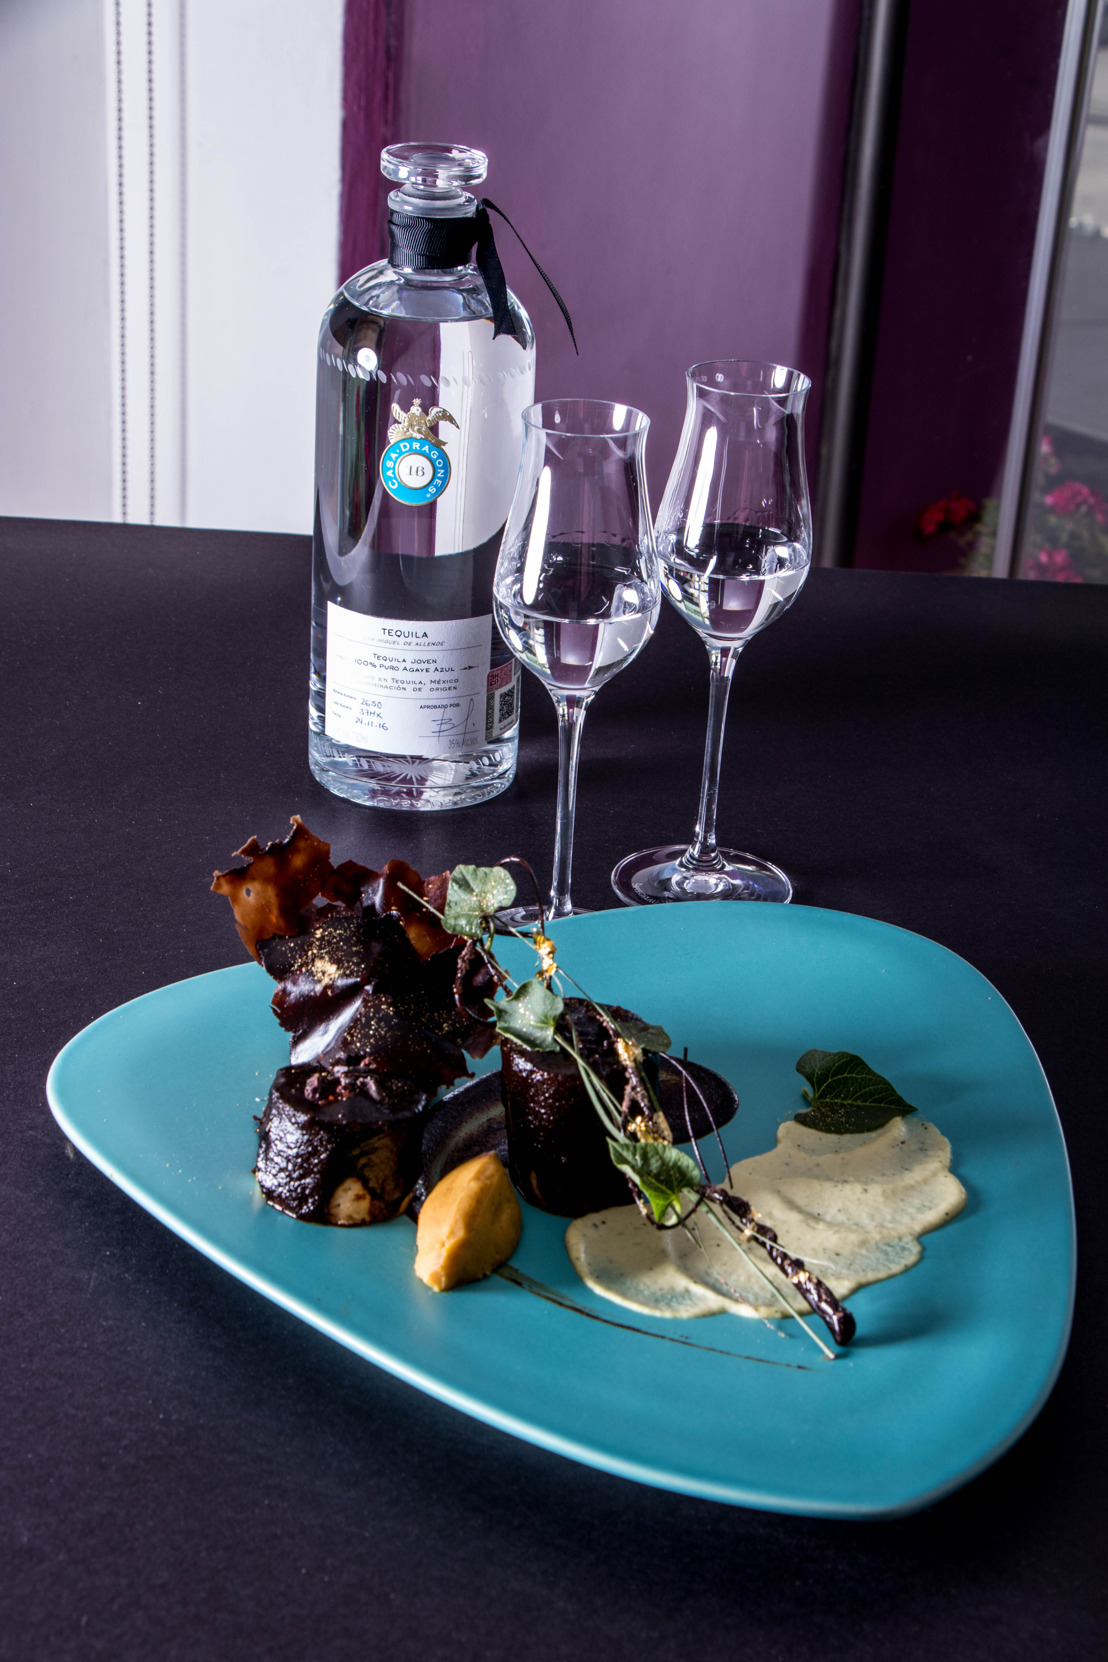 Romántico maridaje de Tequila Casa Dragones Joven con mole de la chef Martha Ortiz